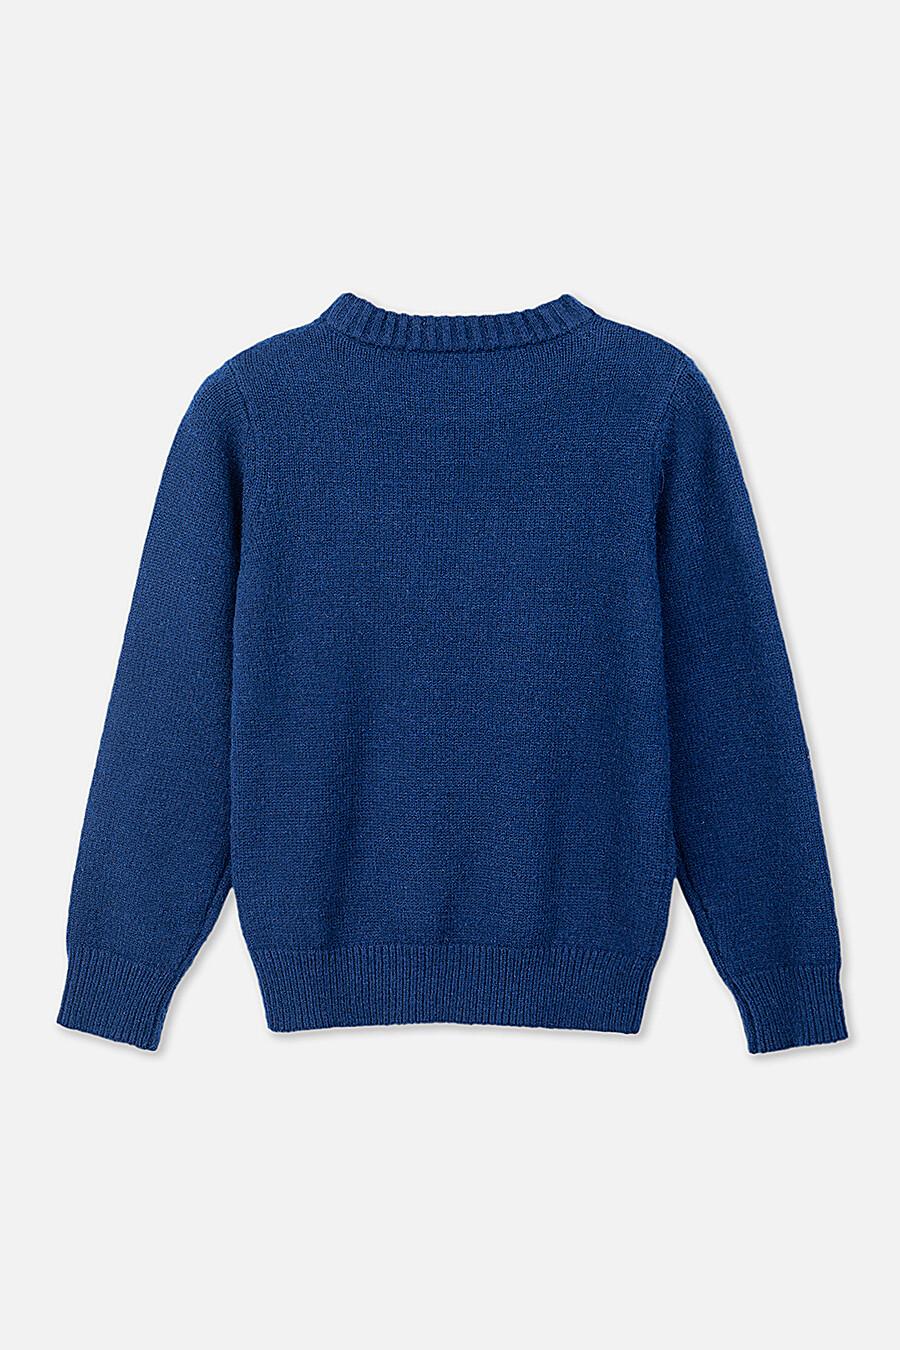 Джемпер для девочек PLAYTODAY 147396 купить оптом от производителя. Совместная покупка детской одежды в OptMoyo